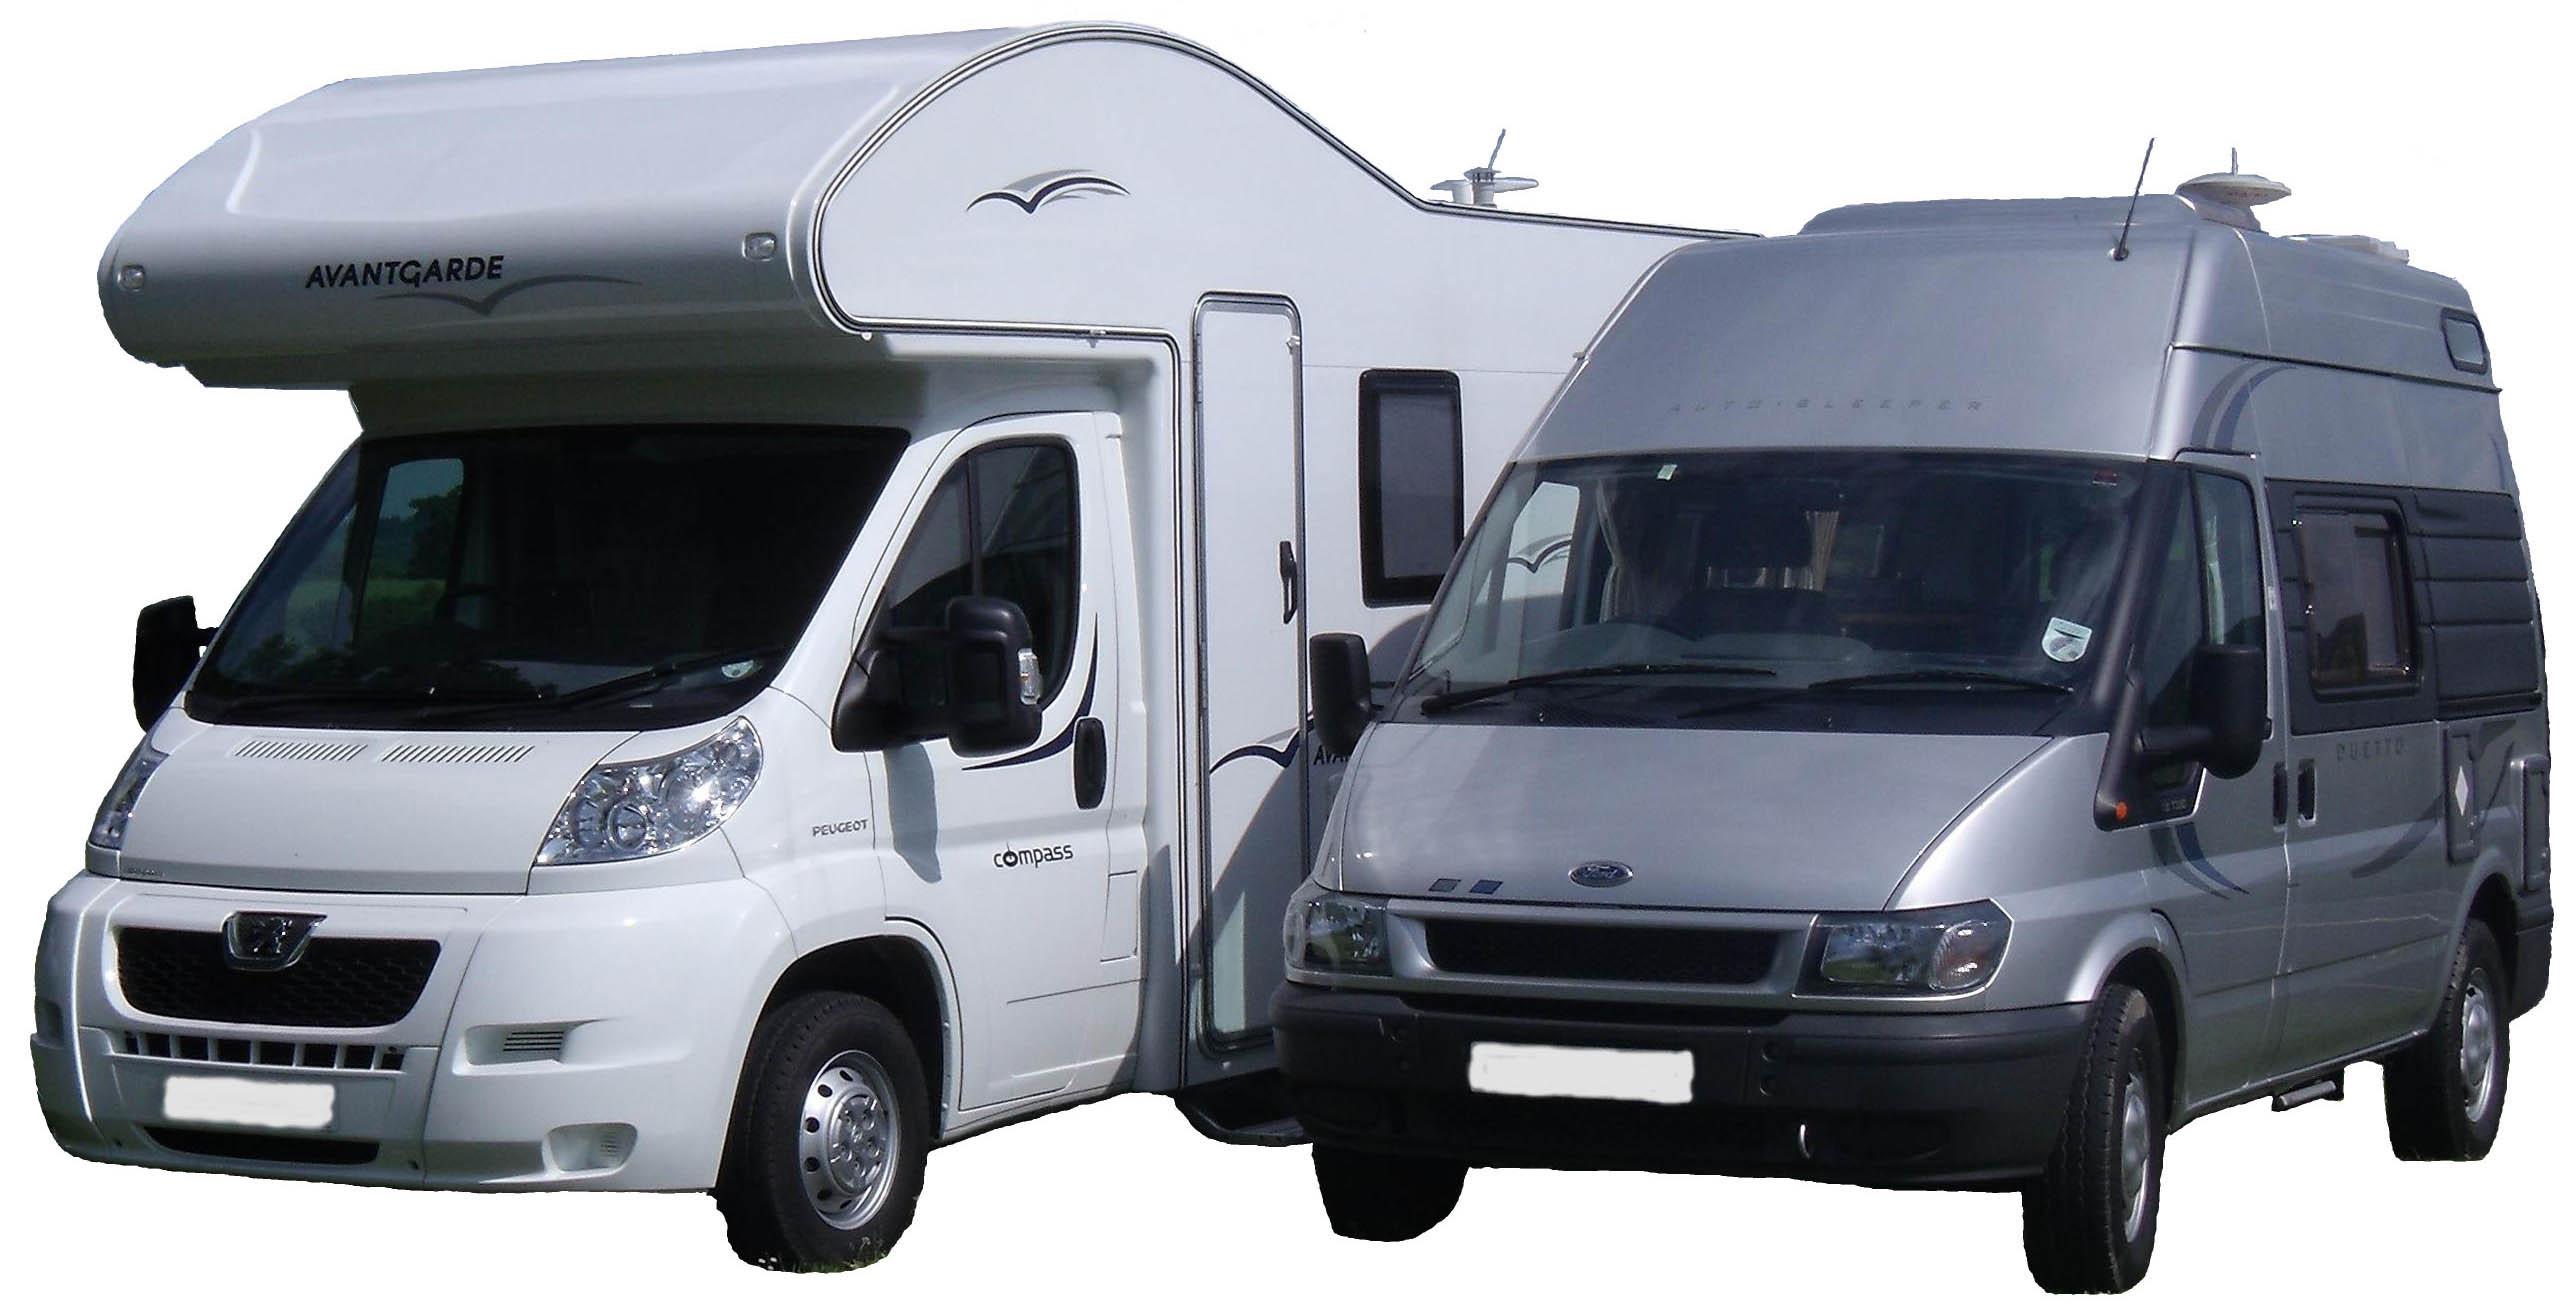 Midland Motor Caravan Limited